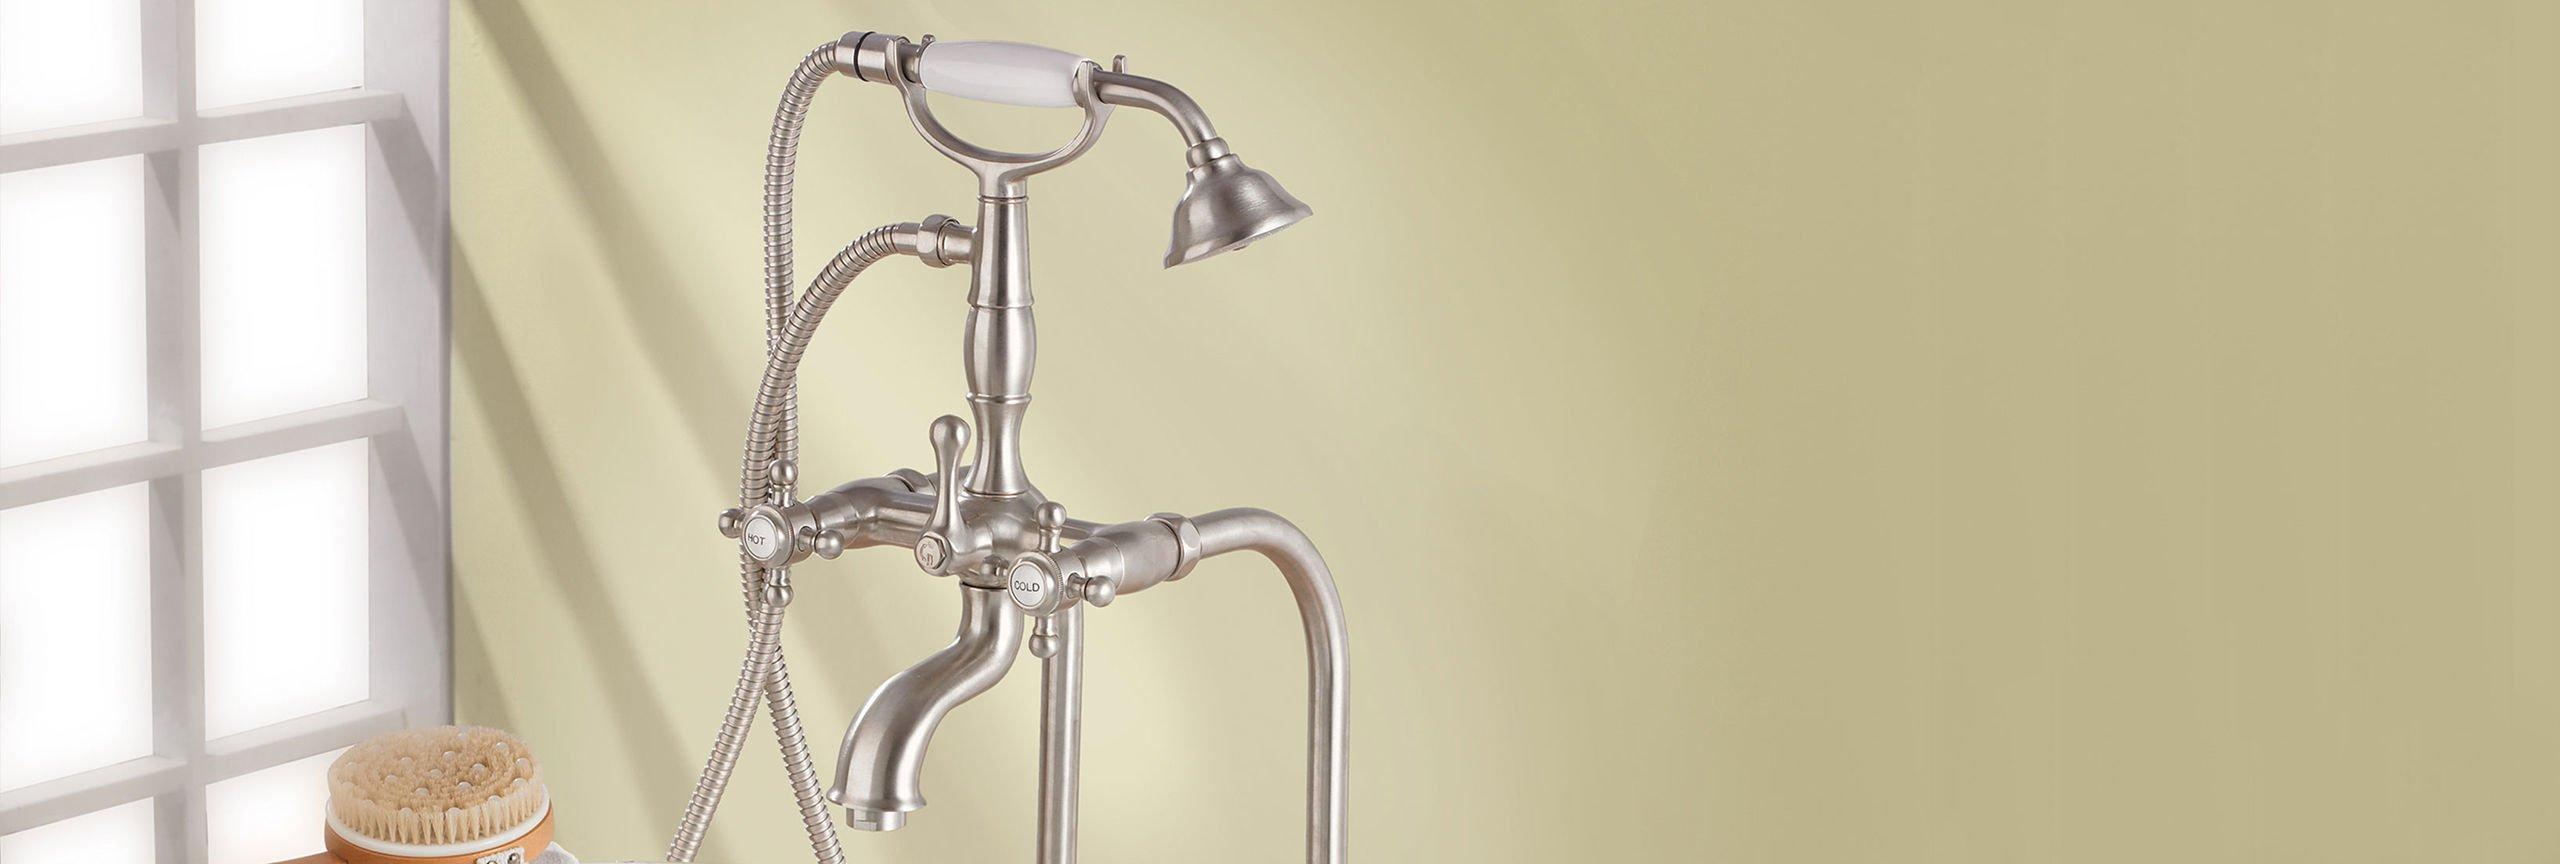 Balboa Tub Fillers California Faucets